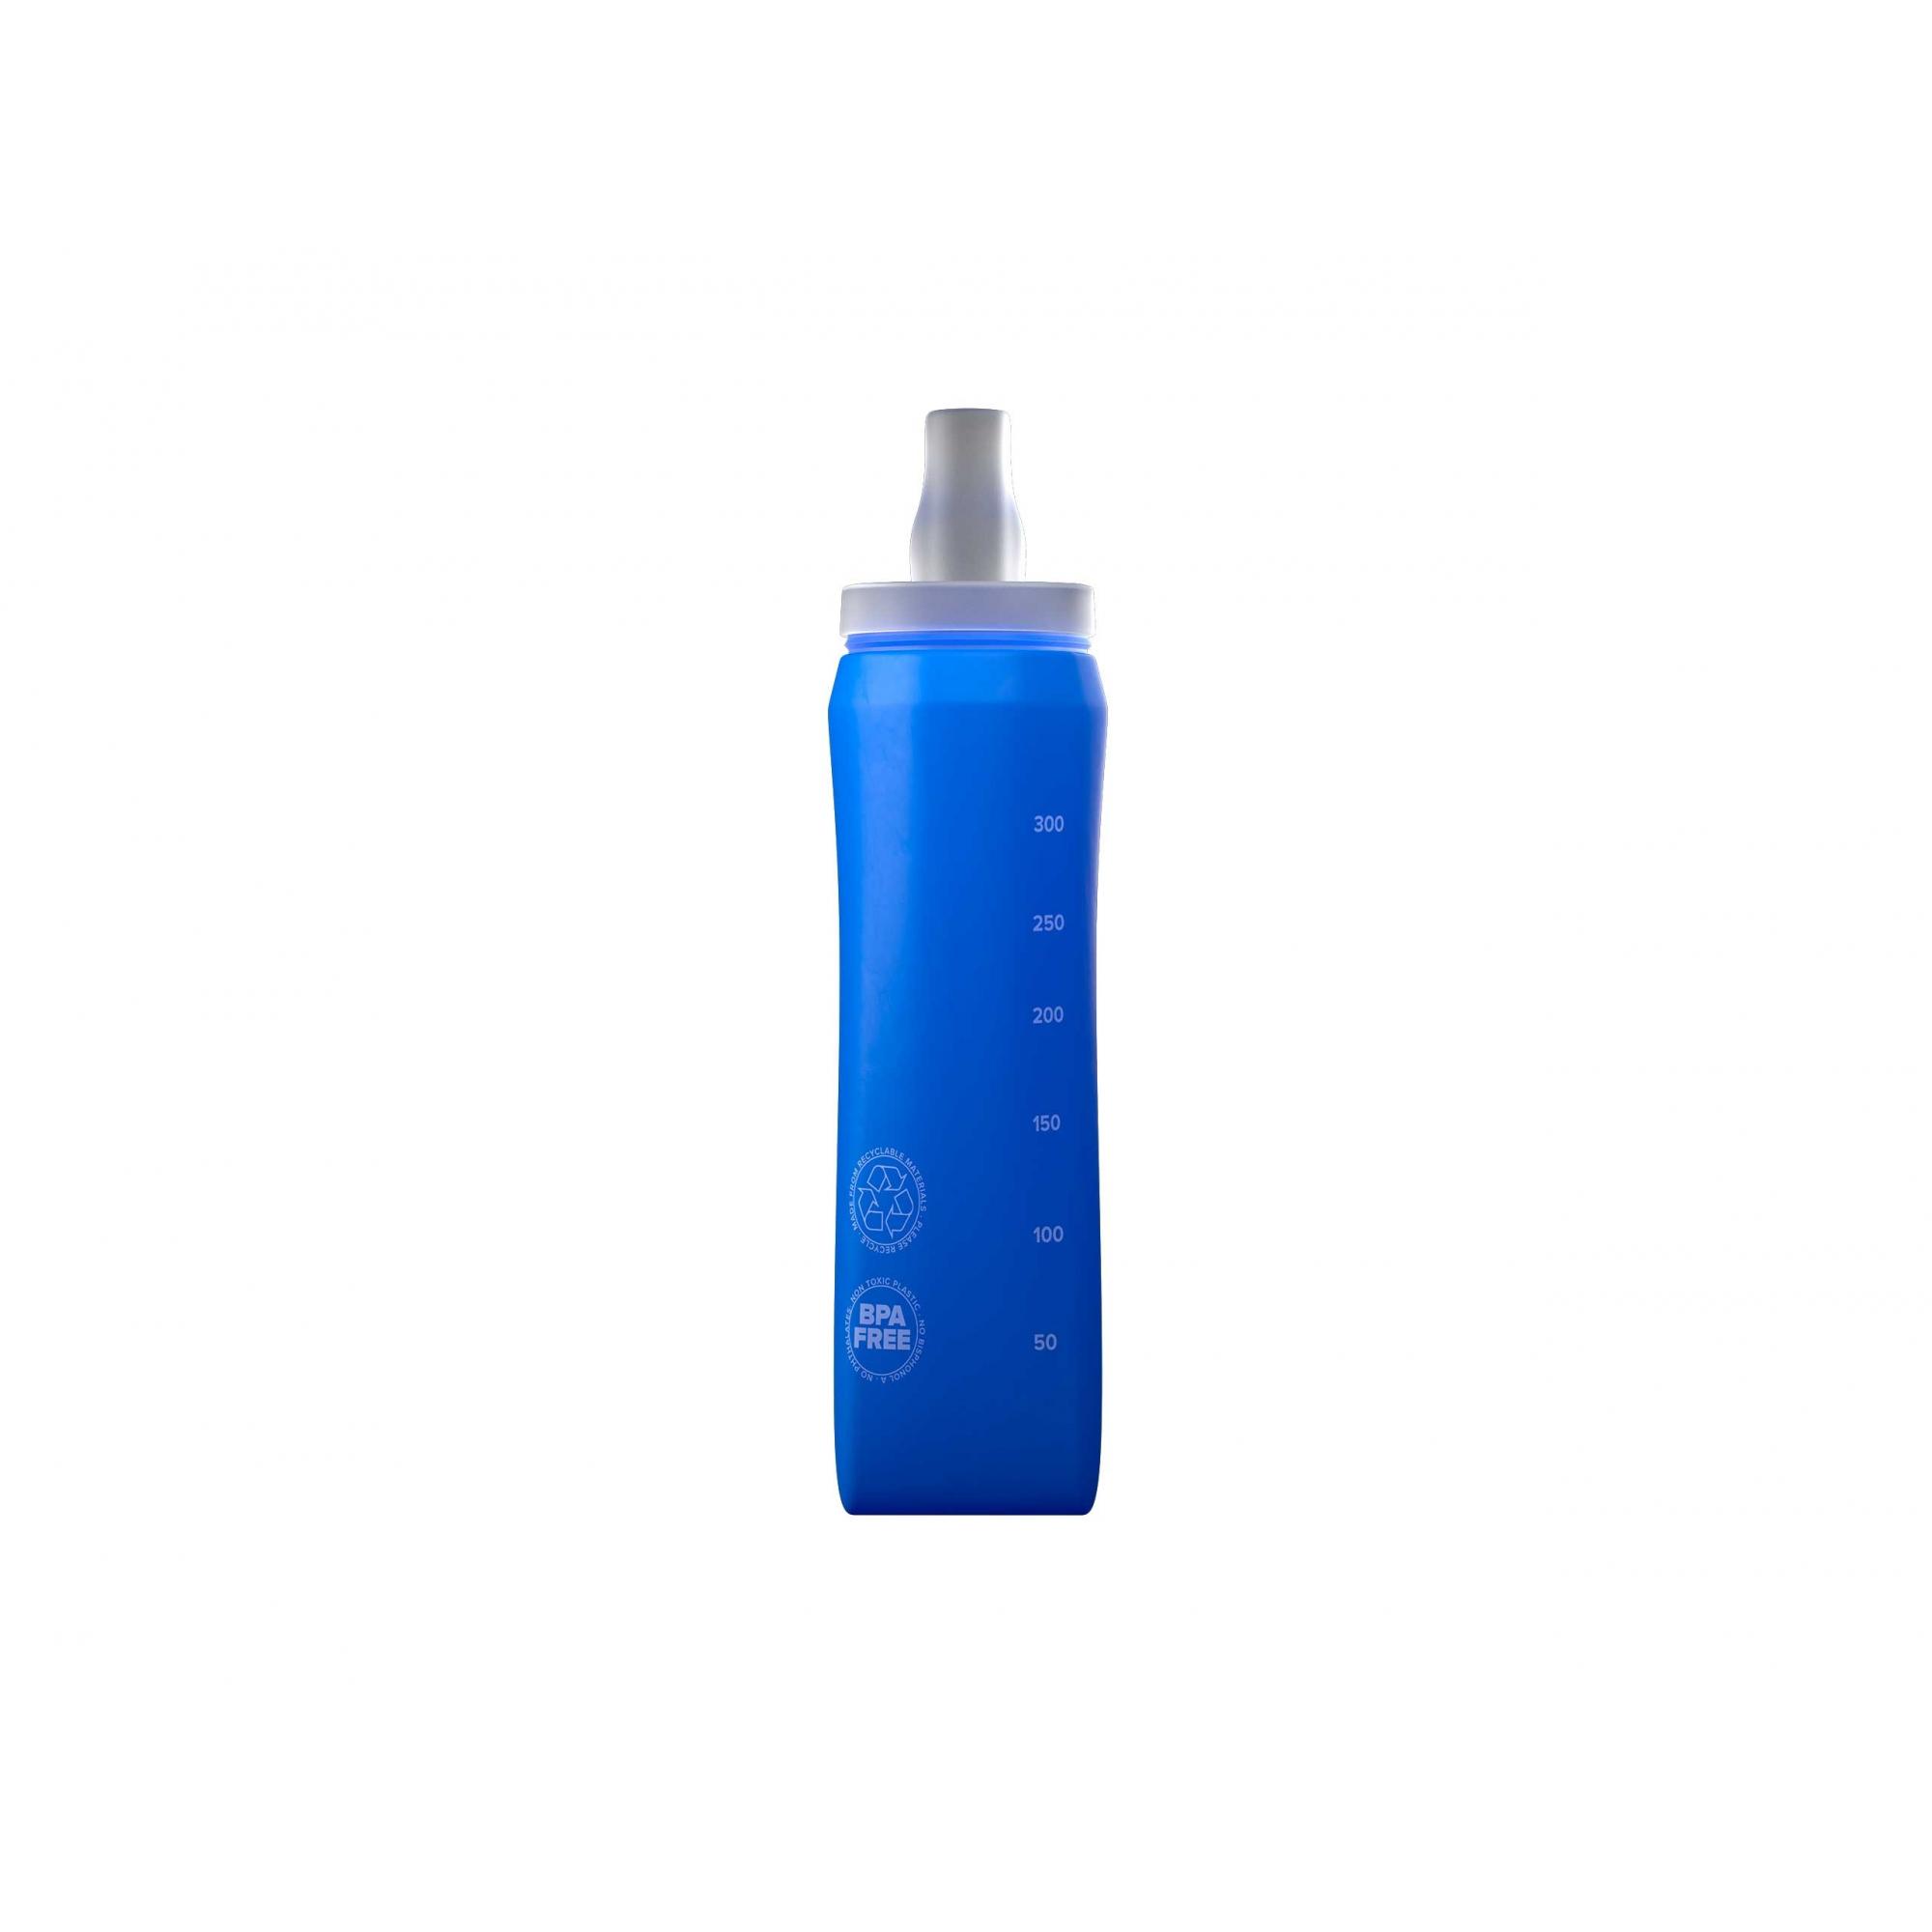 Garrafa de Silicone Ergo Flask 300 Ml Compressport